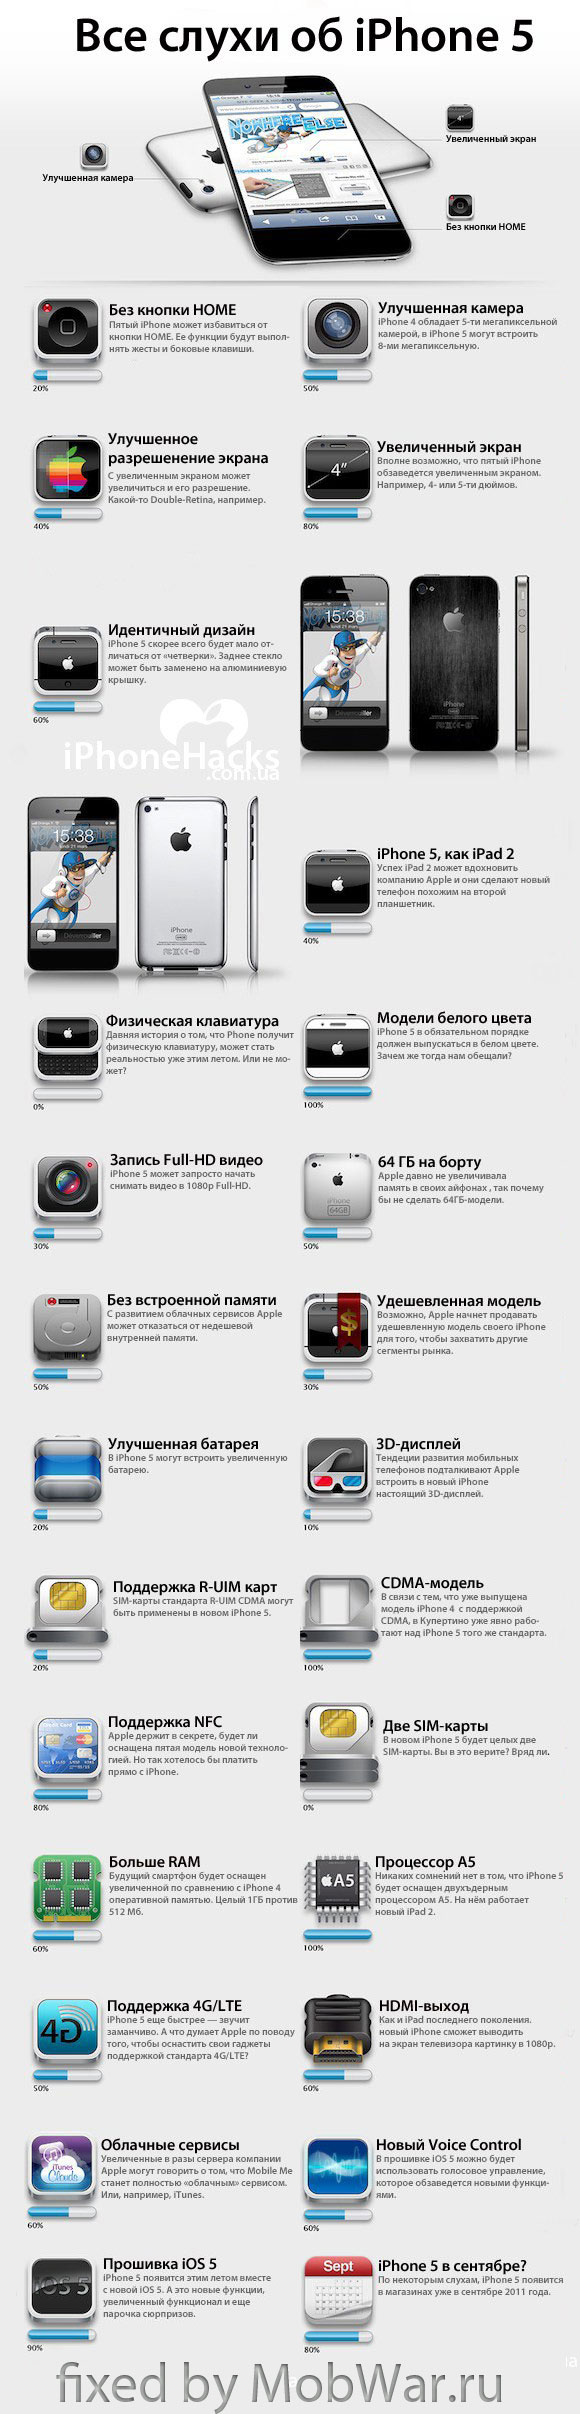 слухи об iPhone5